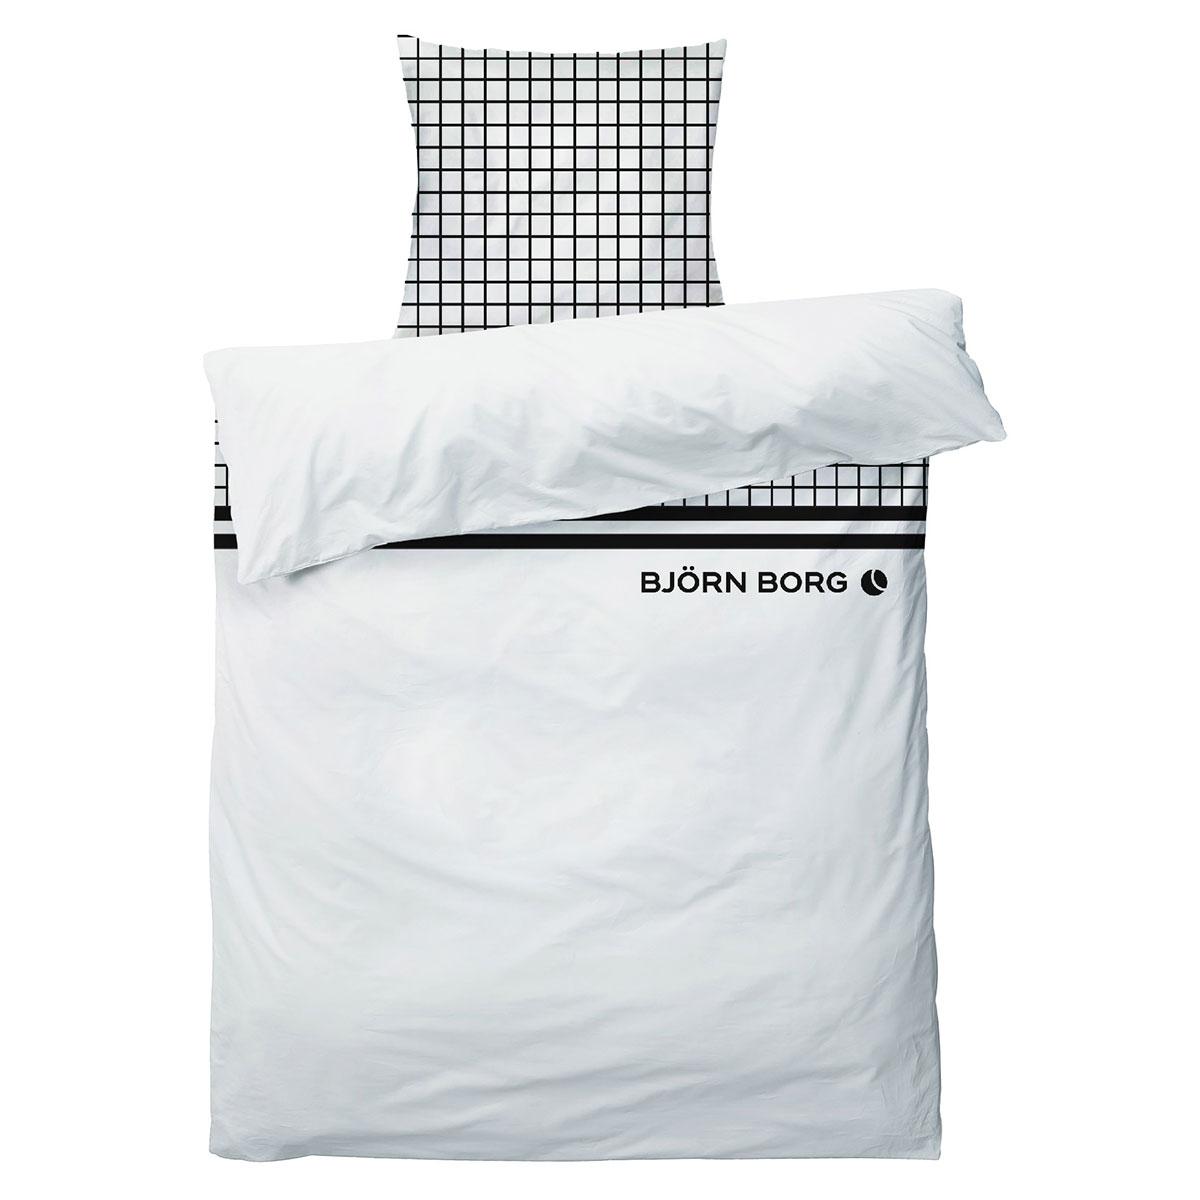 Billede af Björn Borg sengetøj - Hvid med sorte detaljer